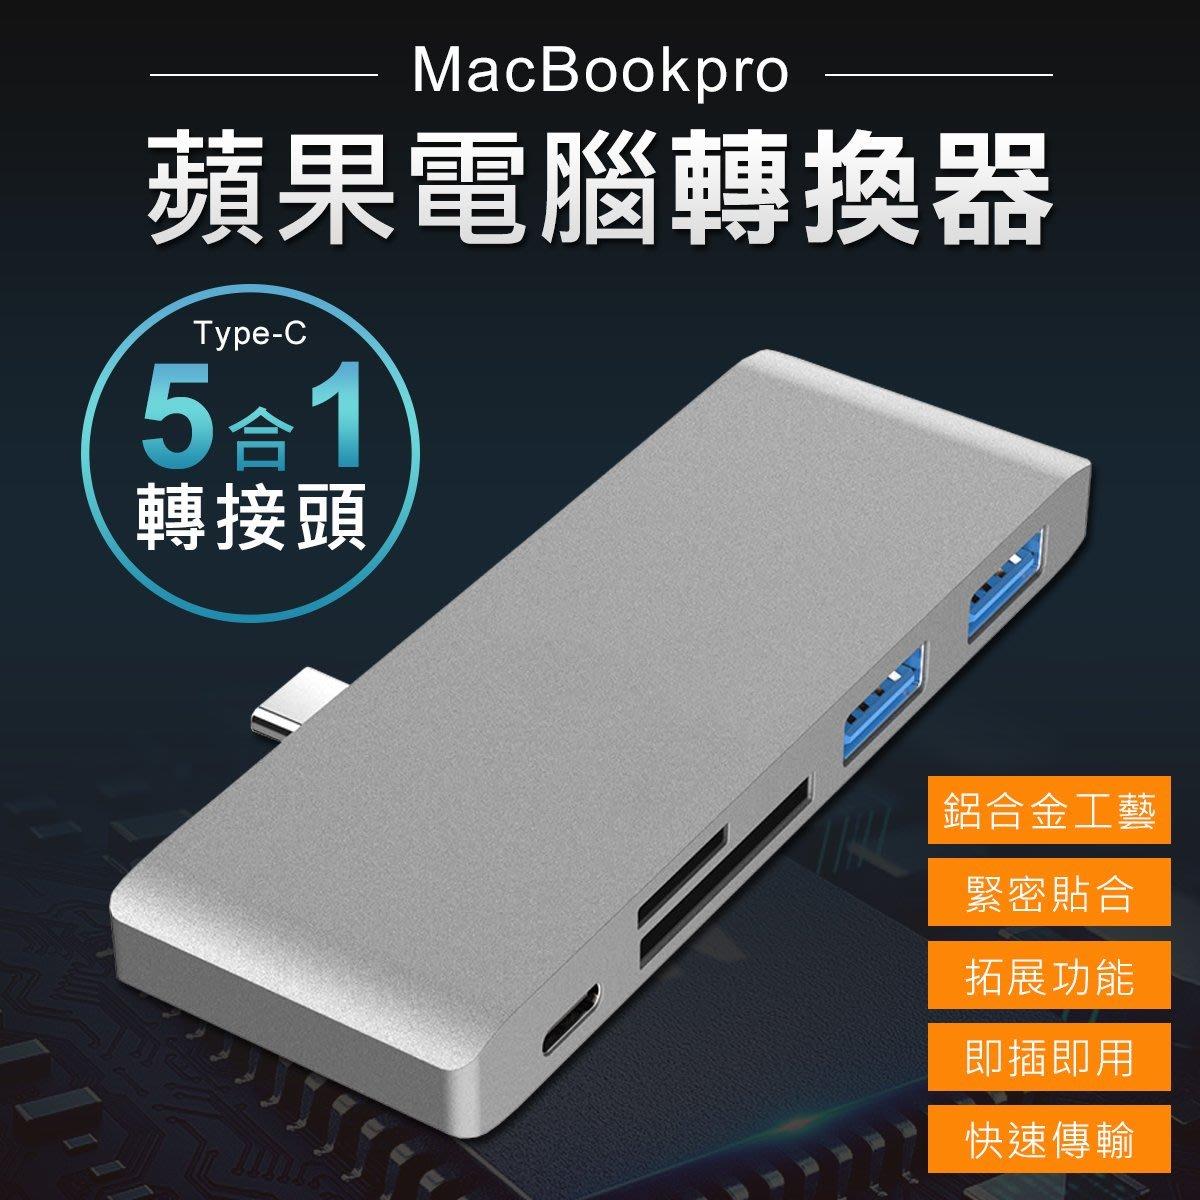 5合1 MACBOOK轉接器 Typec轉usb microsd讀卡機 蘋果電腦轉接器